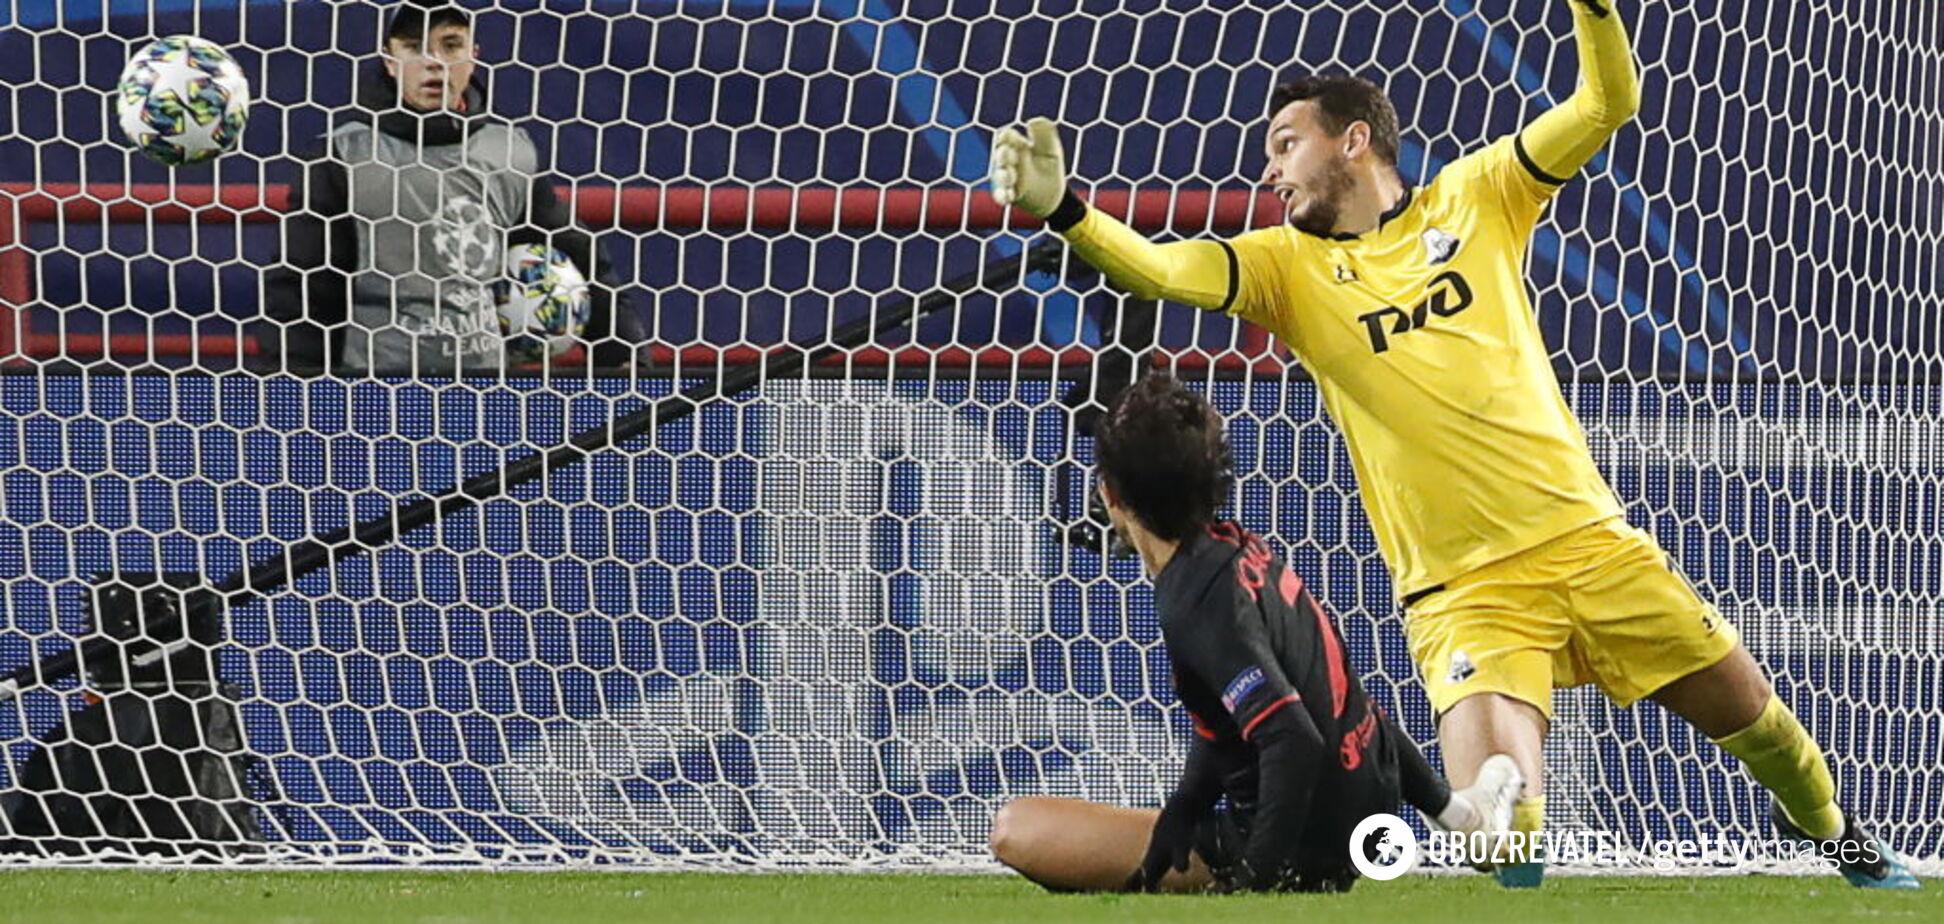 Спасение 'Шахтера' и позор Москвы: результаты Лиги чемпионов 1 октября